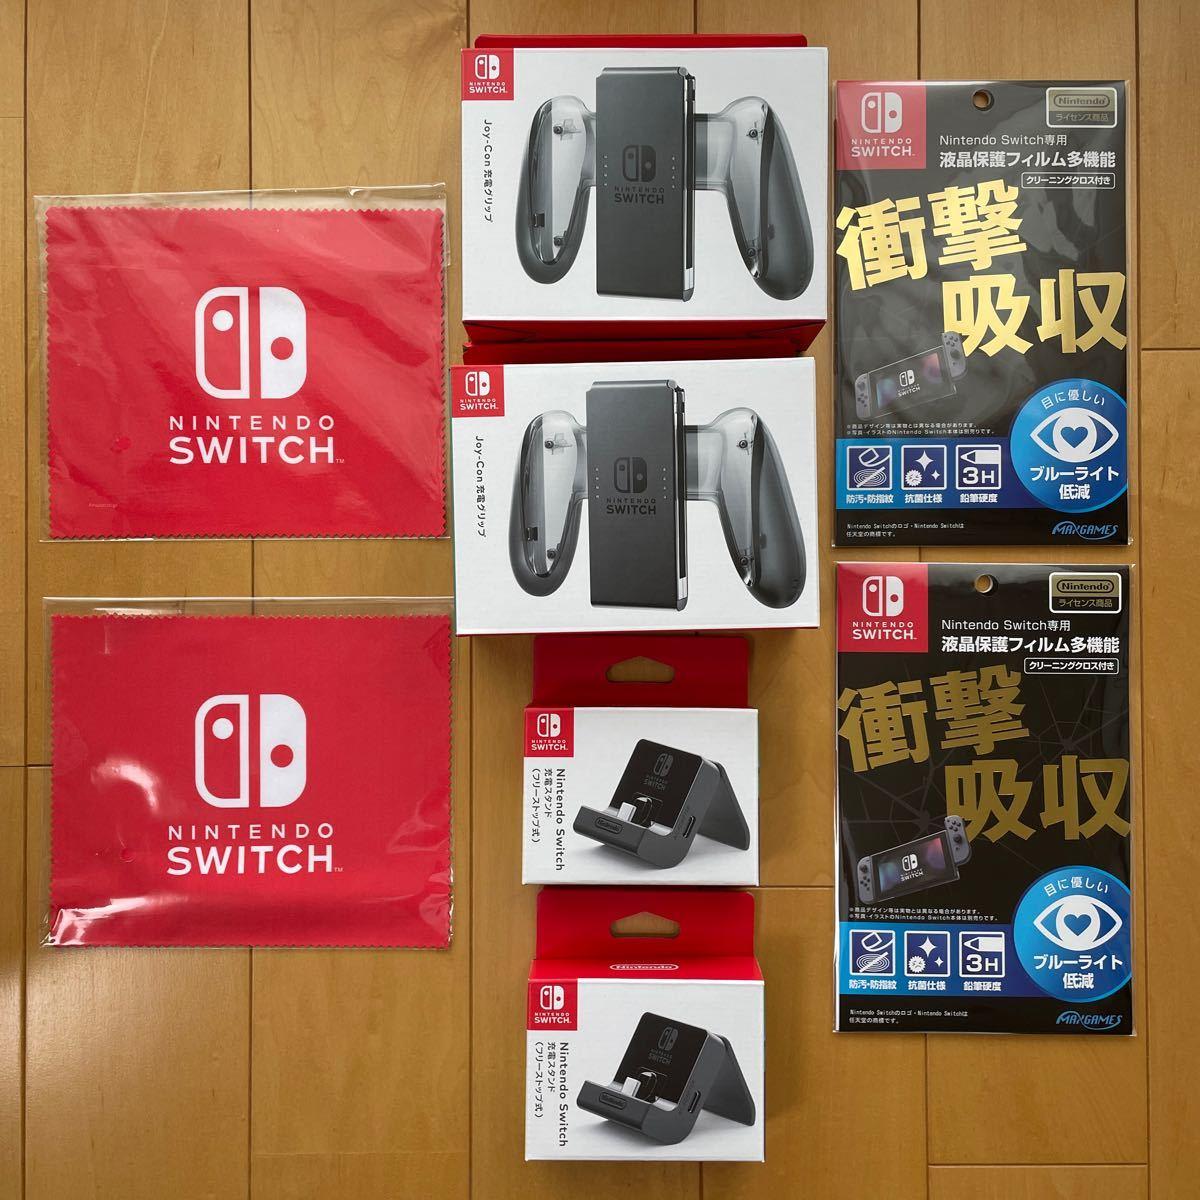 Nintendo Switch液晶保護フィルム&Joy-Con充電グリップ&充電スタンド  マイクロファイバークロス 2セット